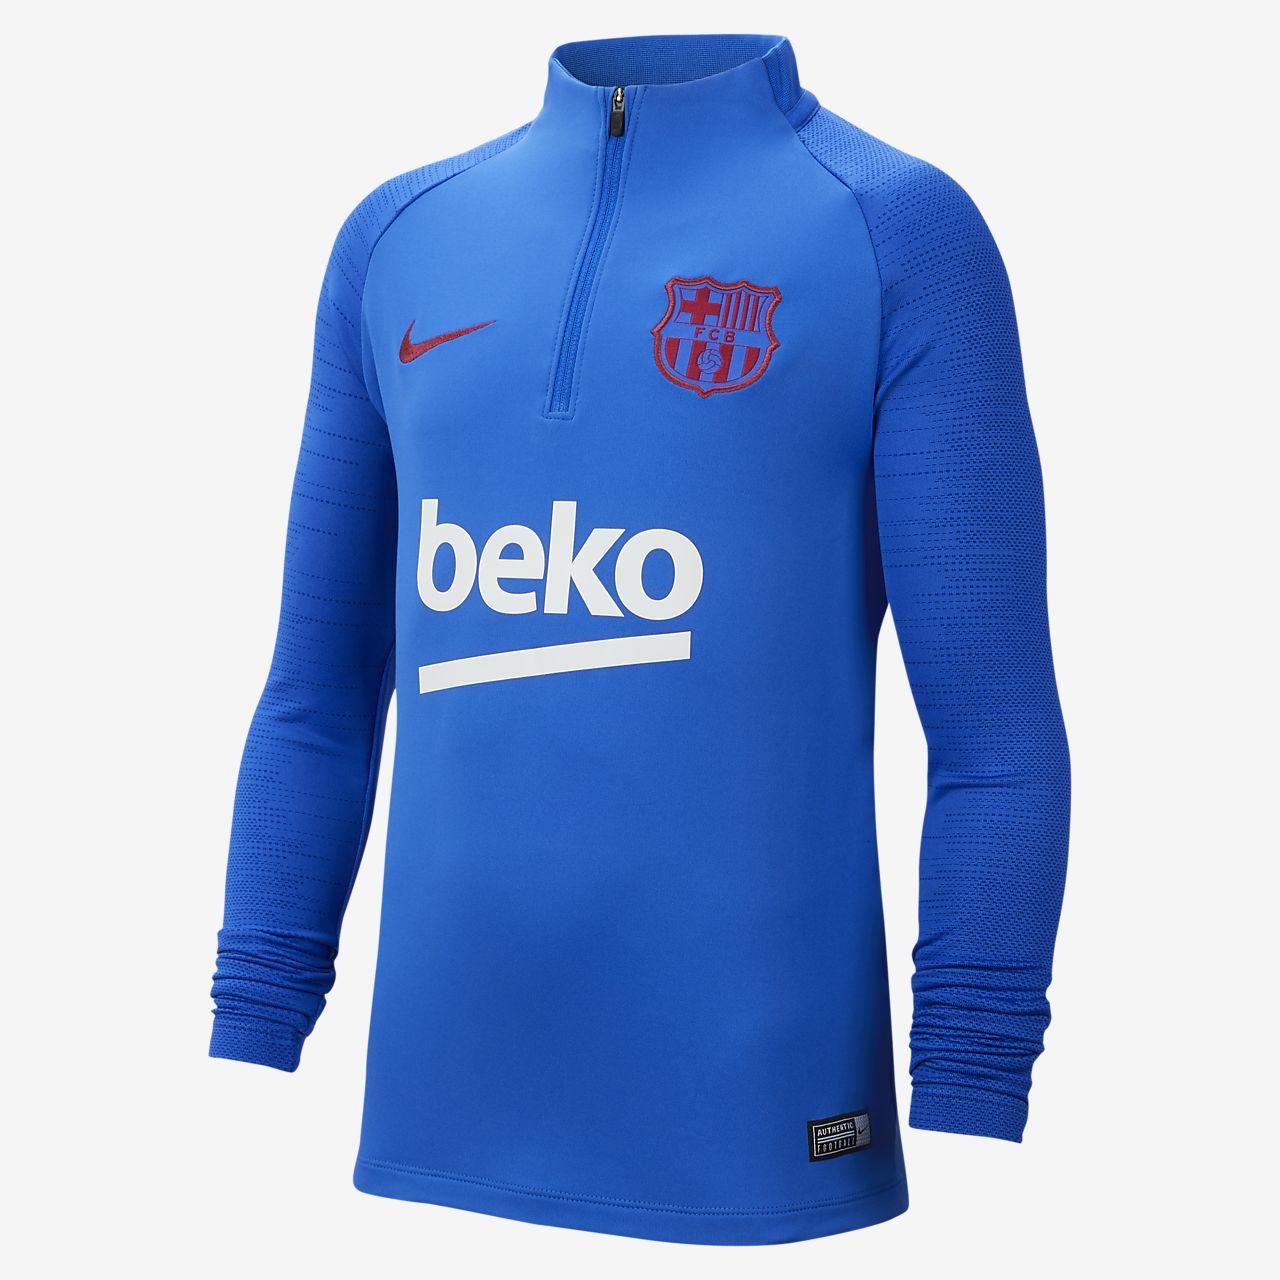 Ποδοσφαιρική μπλούζα προπόνησης Nike Dri-FIT FC Barcelona Strike για μεγάλα παιδιά